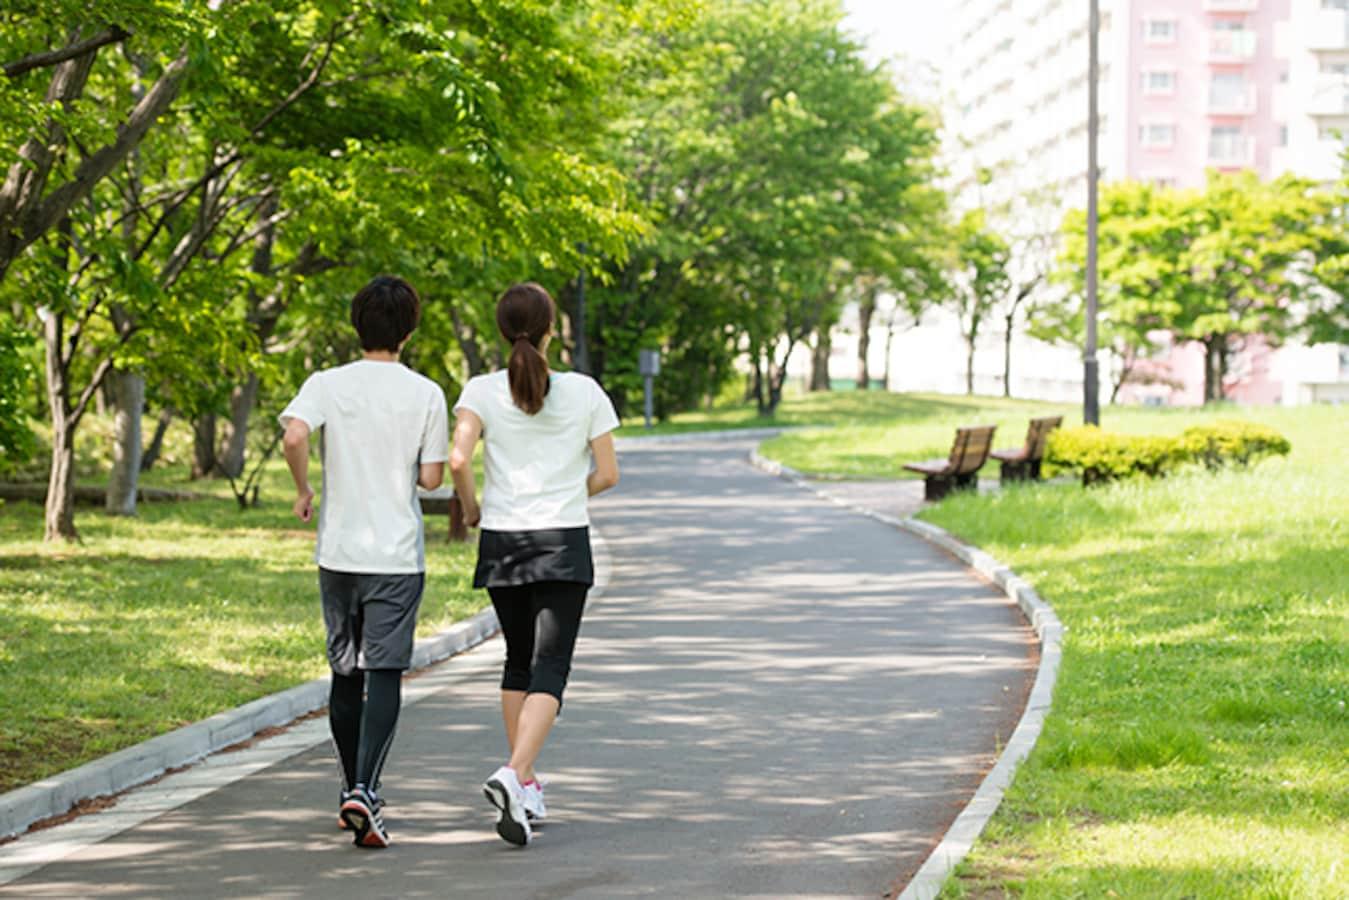 f066867654 ランニング初心者はまず5km完走を!おすすめの練習法 [ジョギング・マラソン] All About